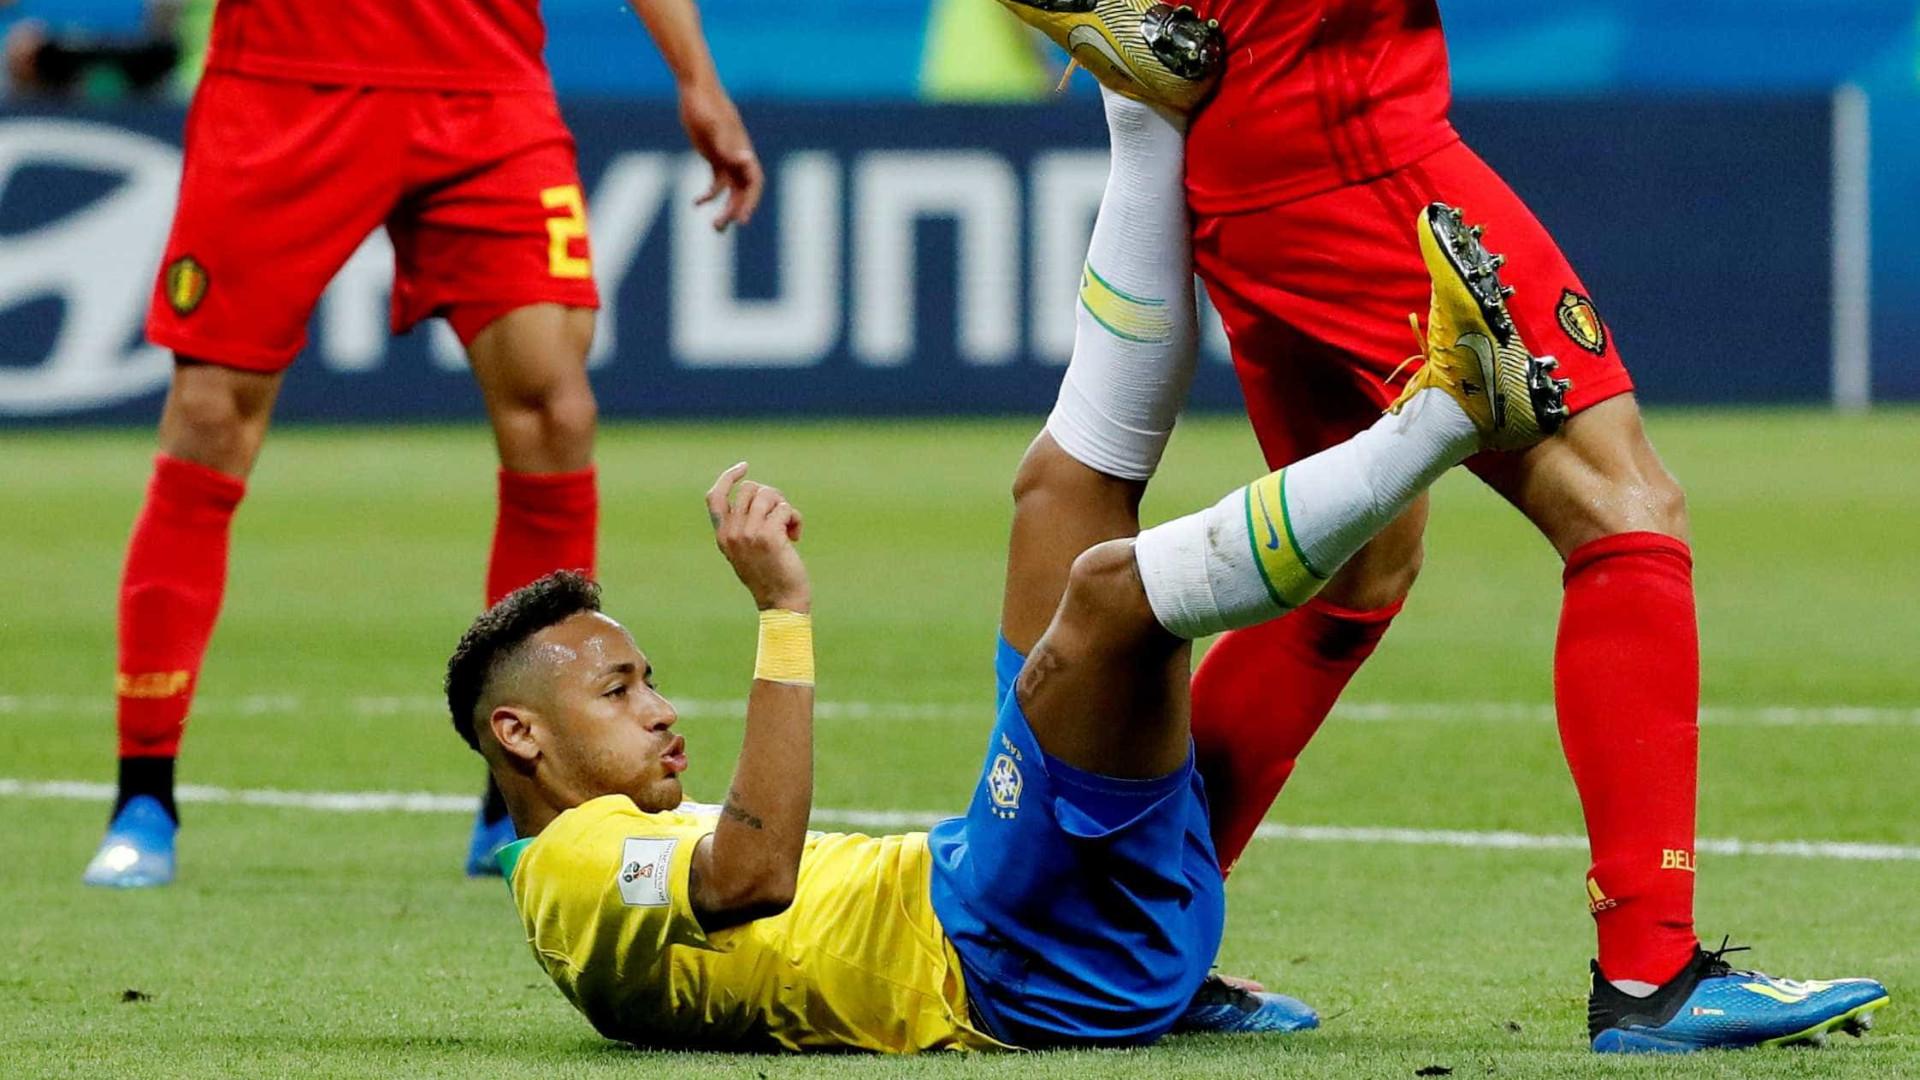 Van Basten critica Neymar e diz que 'simular não é uma boa atitude'